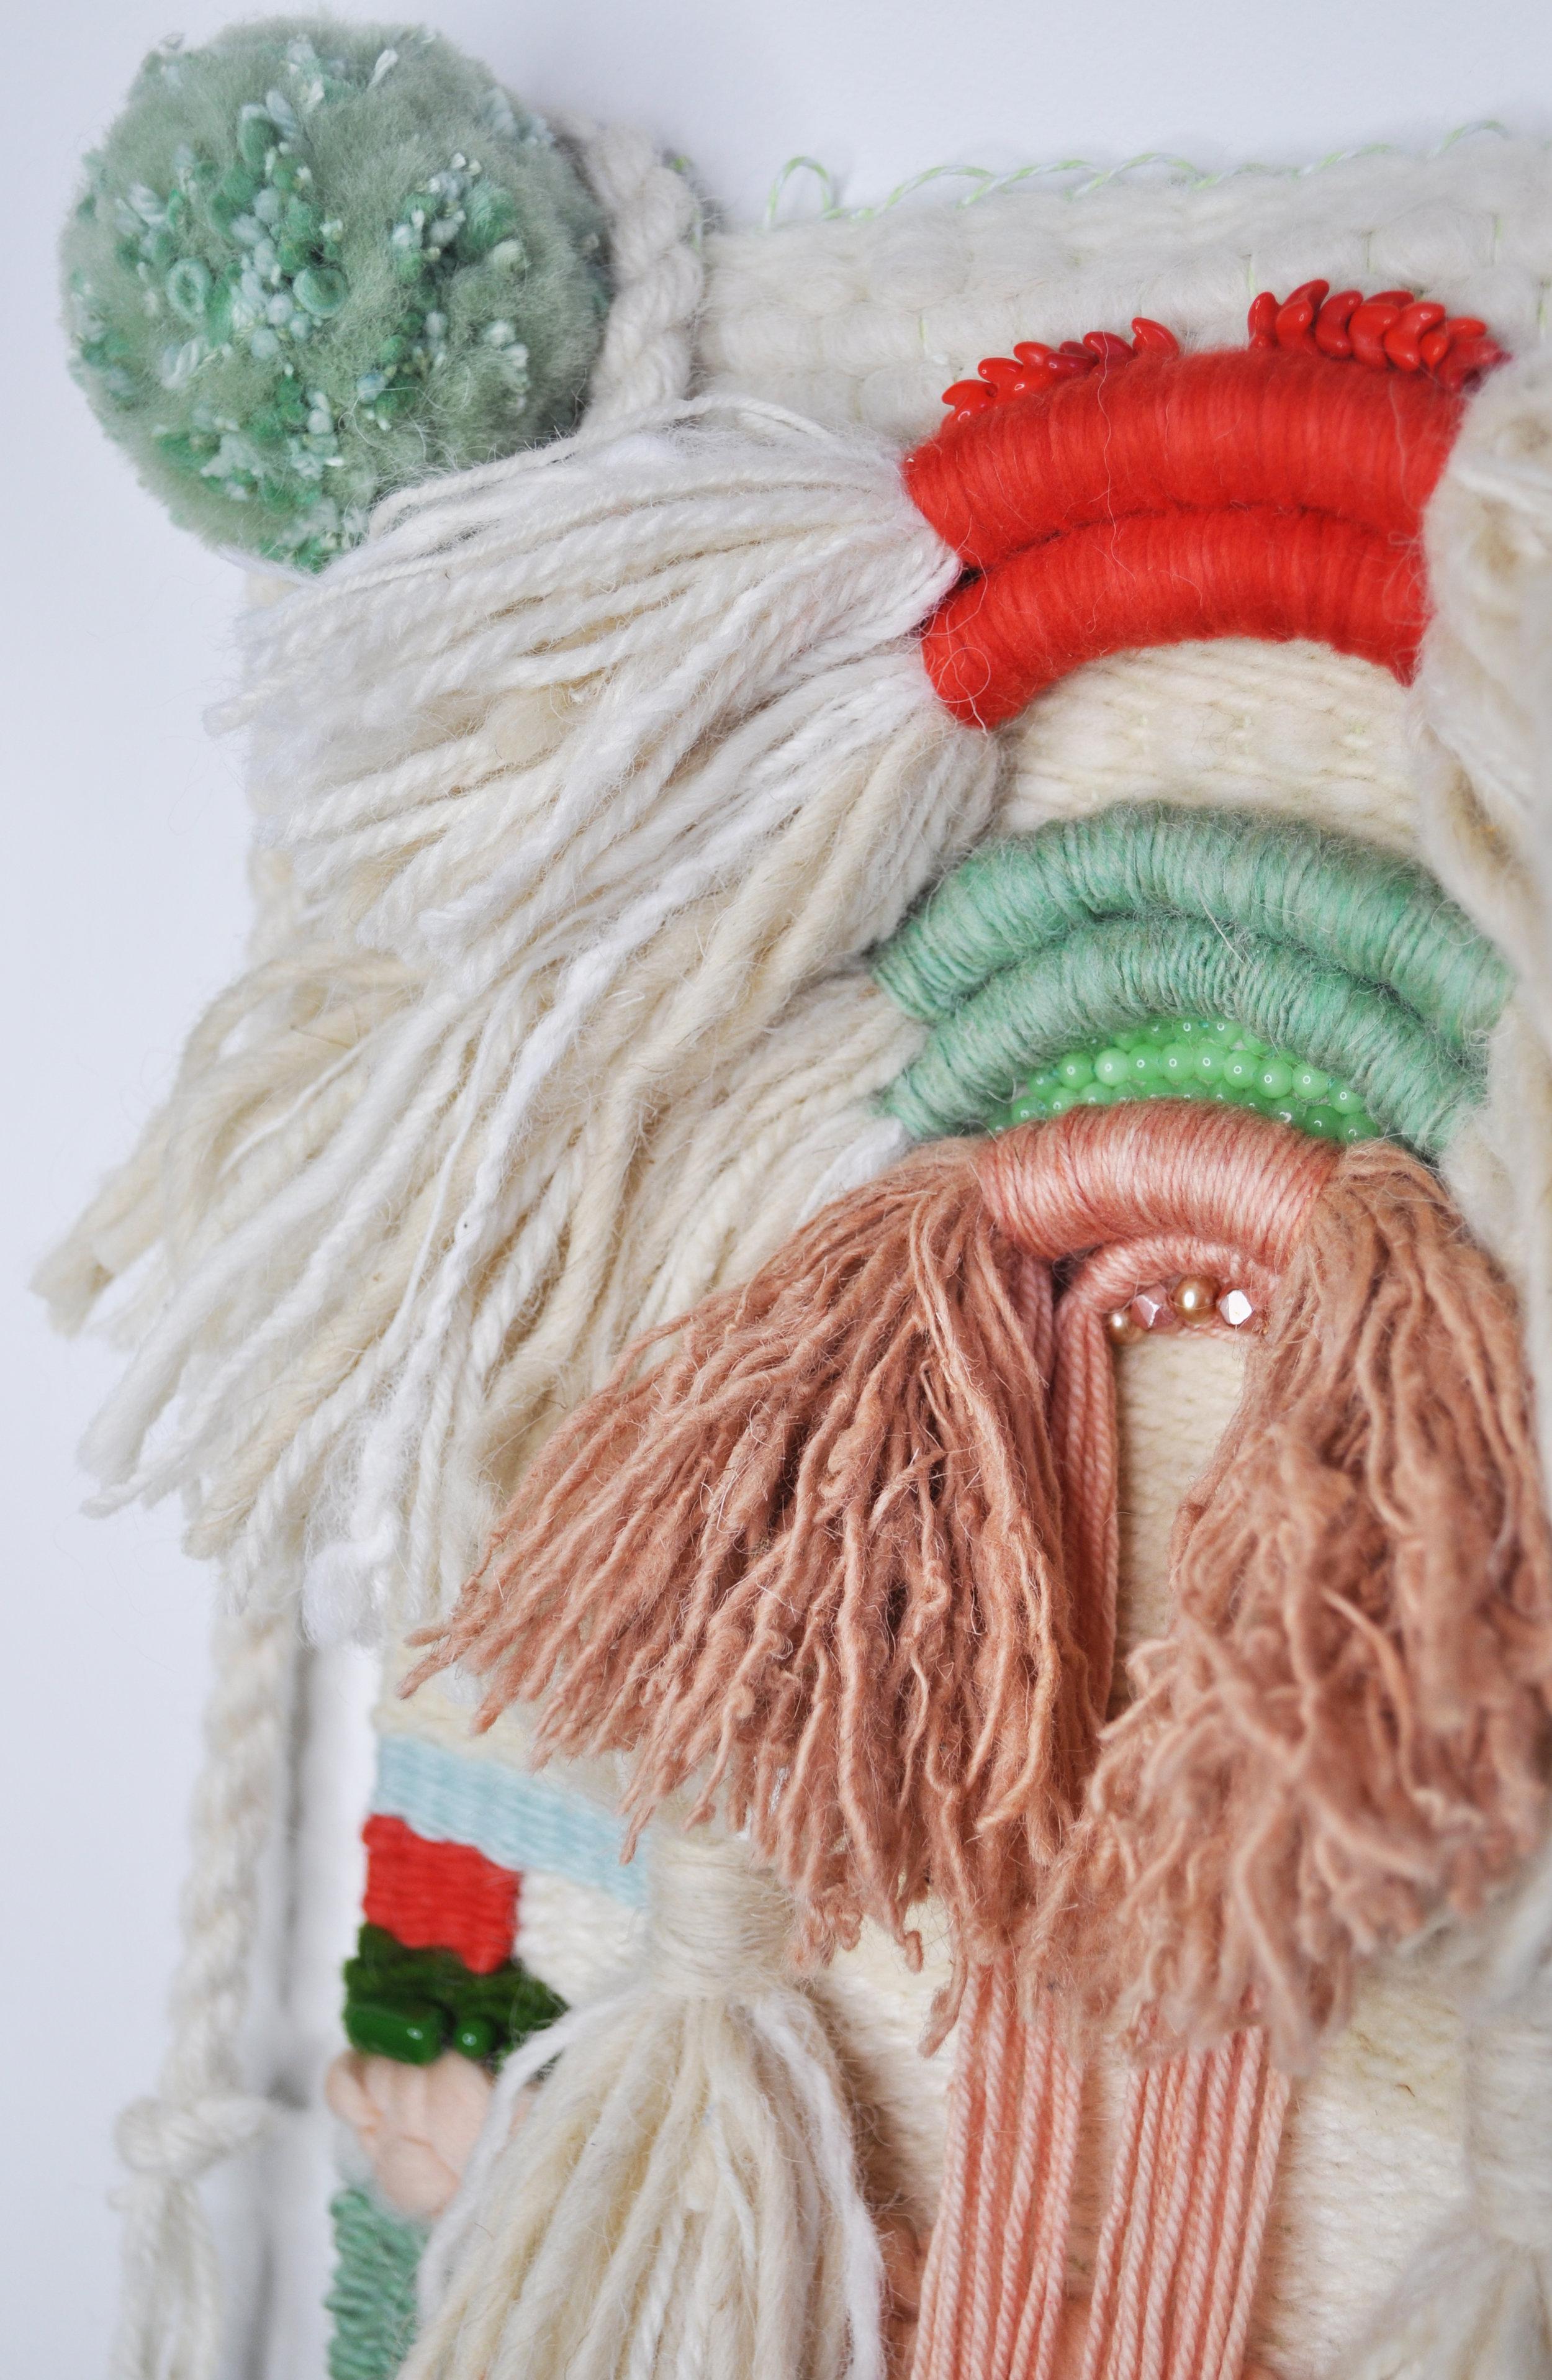 sculptural weaving detail.jpg